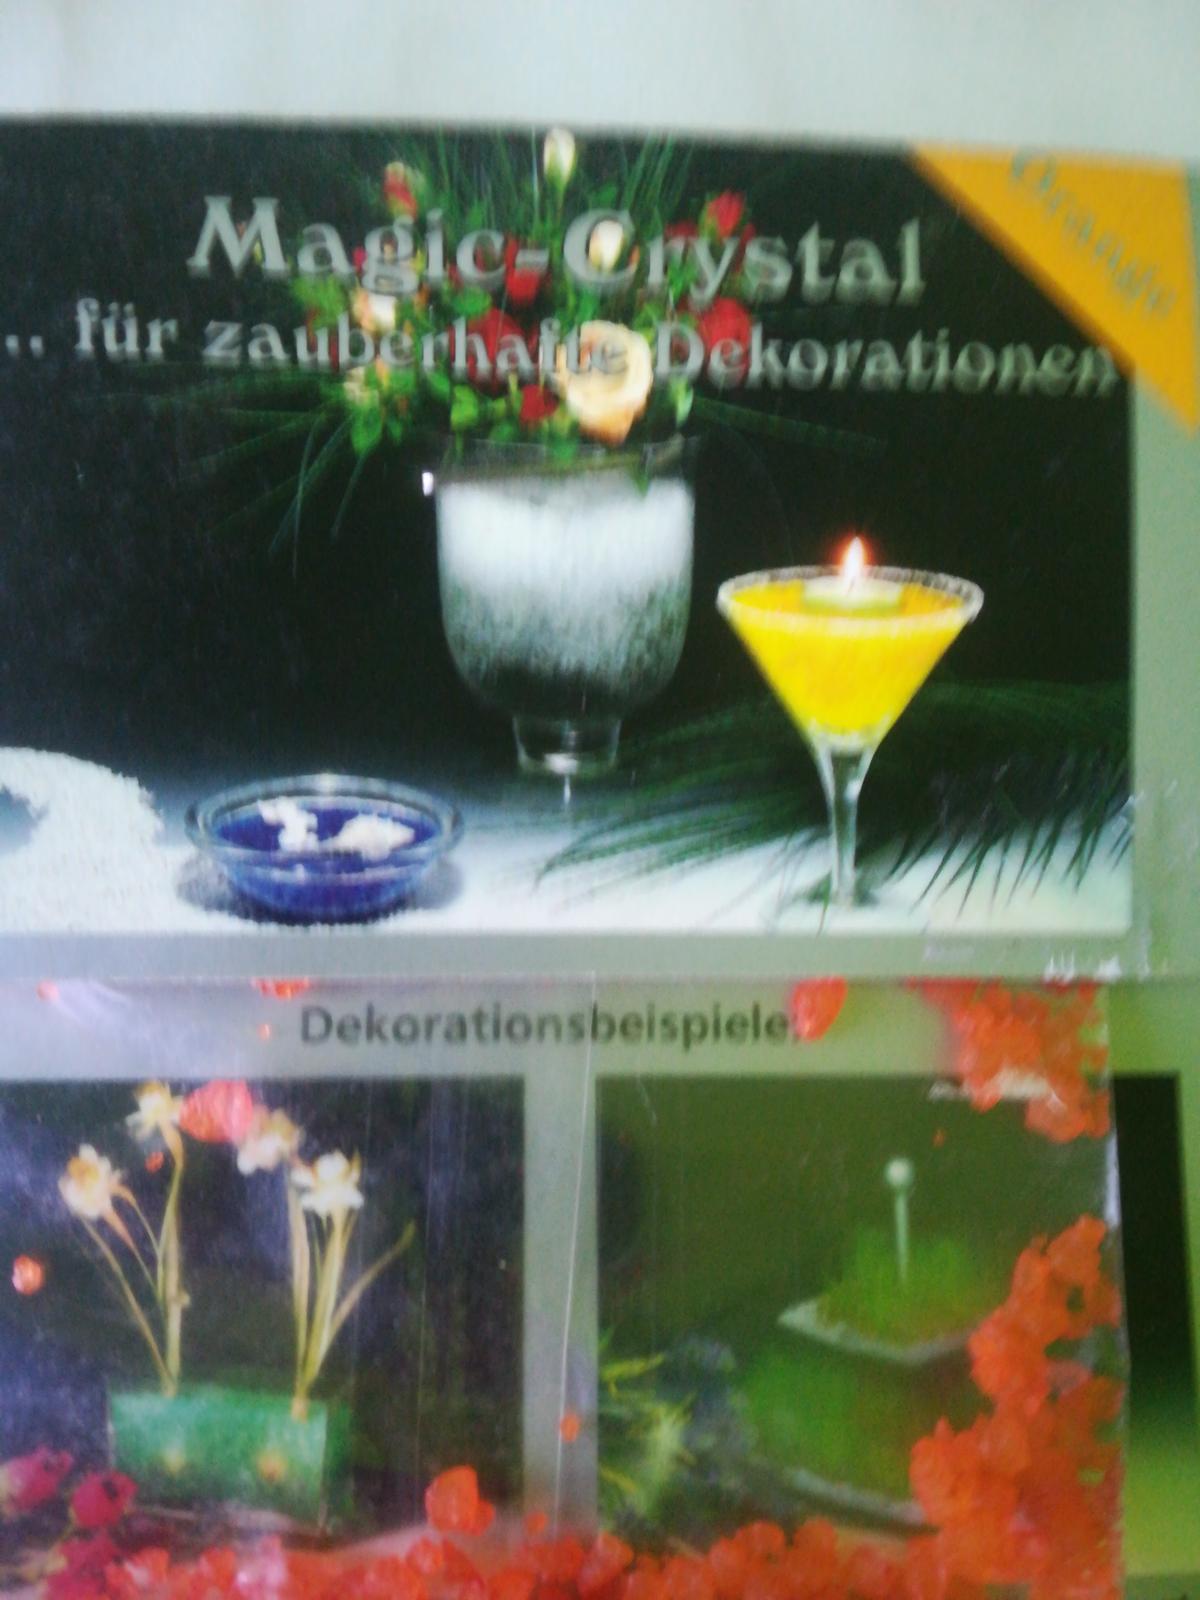 Magické kryštaliky na sviečku  - Obrázok č. 2